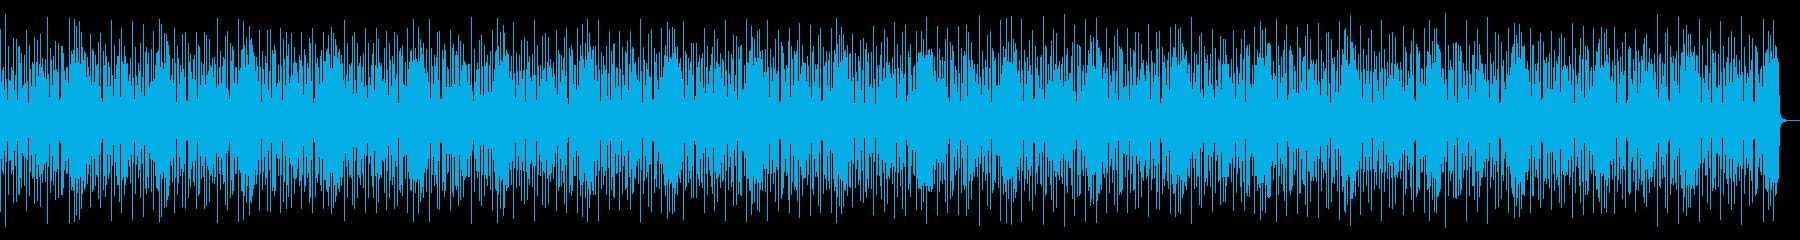 トランペット 派手 ショータイムの再生済みの波形